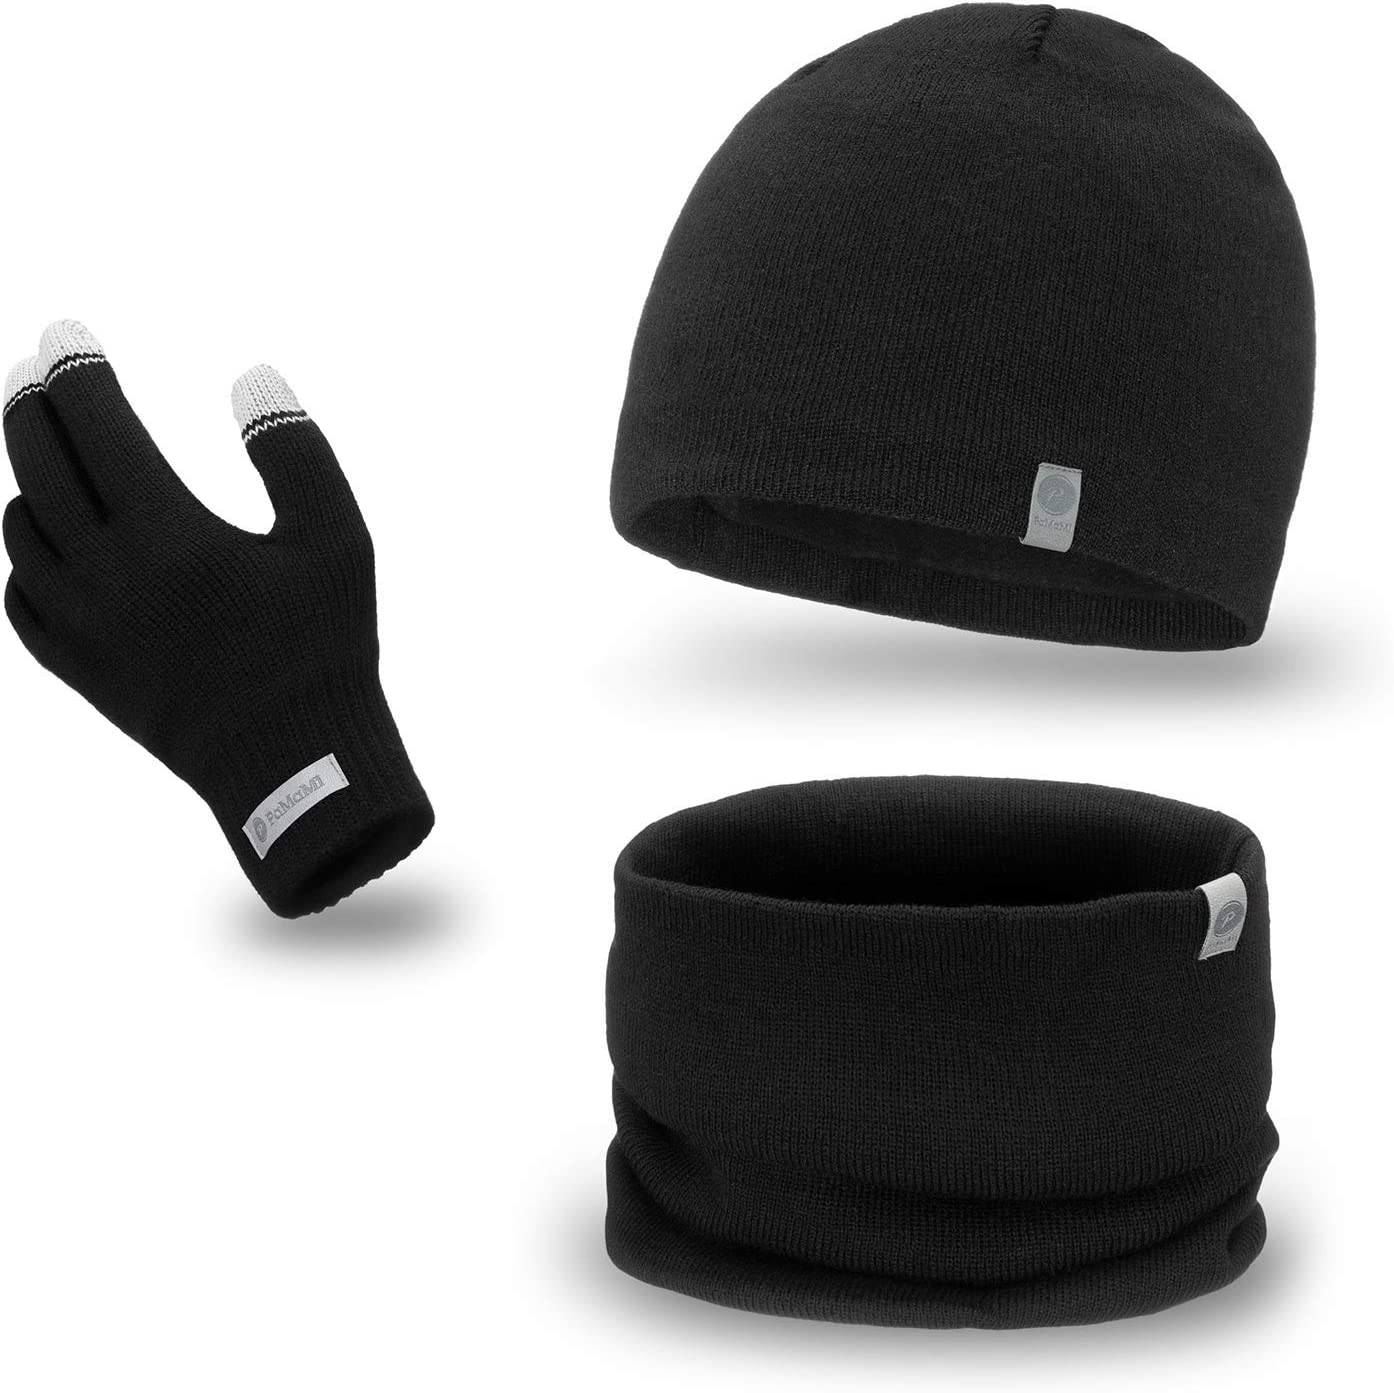 | 100/% Acryl Handschuhe mit Touchscreen-Funktion Handschuhe, M/ütze, Loop-Schal PaMaMi Herren Winter-Set 3-teilig Atmungsaktive M/ütze und w/ärmender Loop-Schal in Strickoptik in 5 Farben